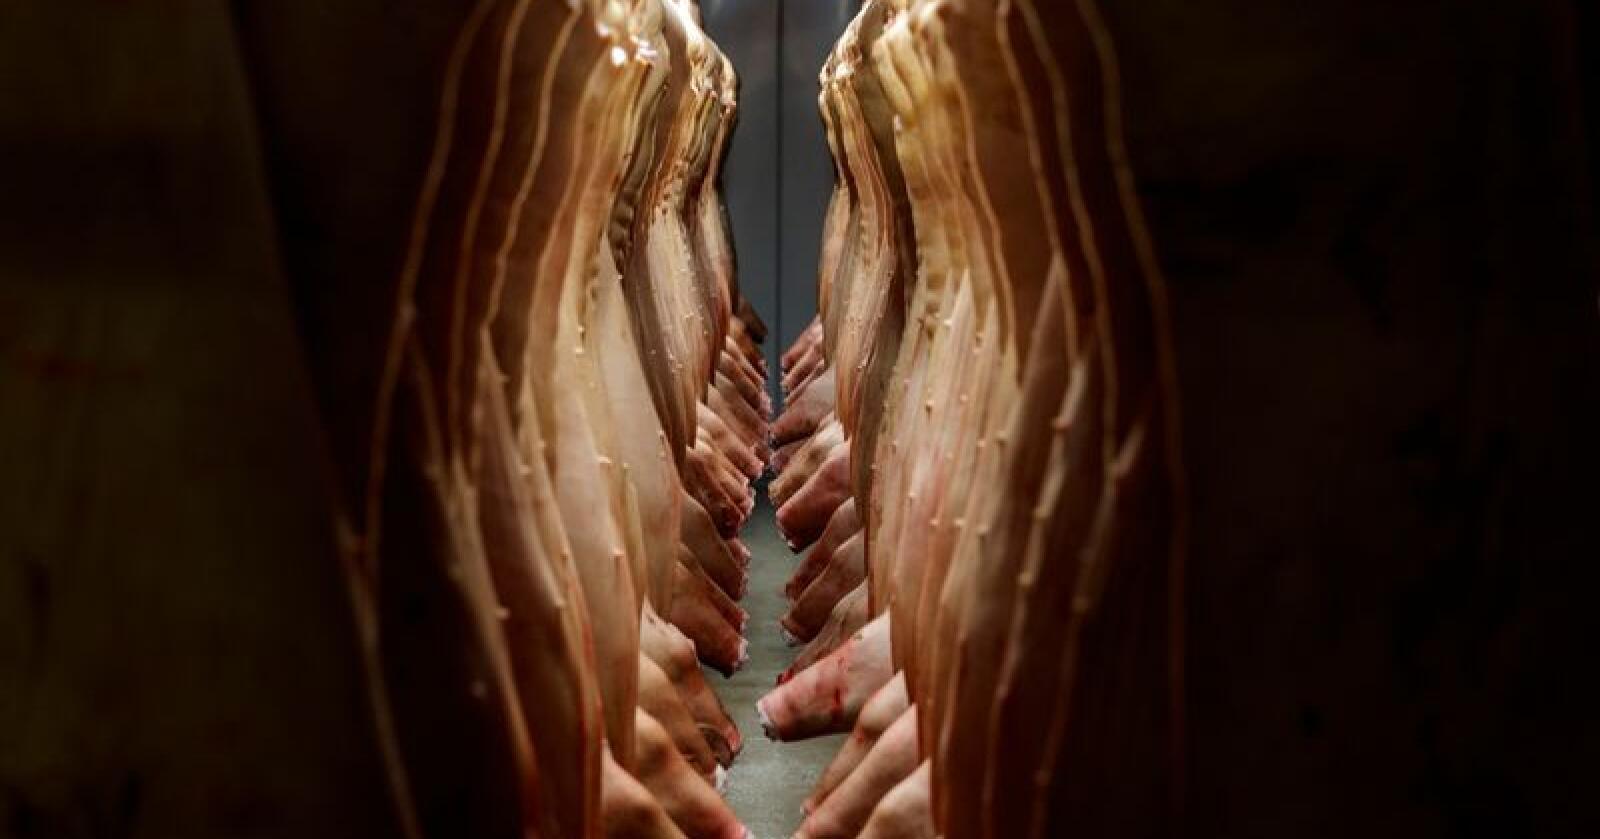 Kameraovervåking på slakterier vil bidra til at forbrukere får et mer realistisk bilde av prosessen for å få kjøtt til butikkene, mener dyrevernsorganisasjonen Noah. Illustrasjonsfoto: Cornelius Poppe / NTB scanpix